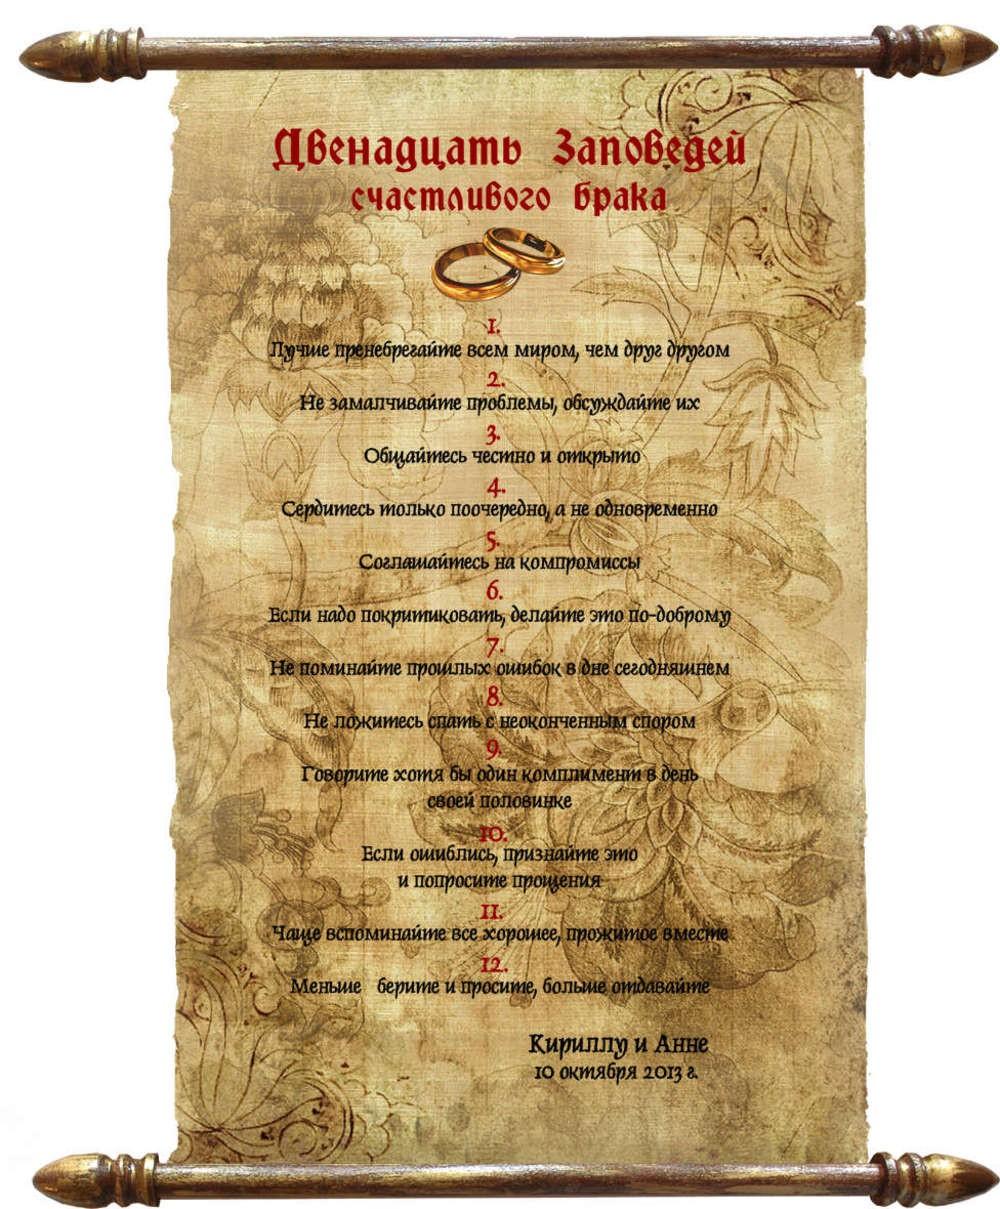 Поздравление на свитке папируса Двенадцать заповедей брака